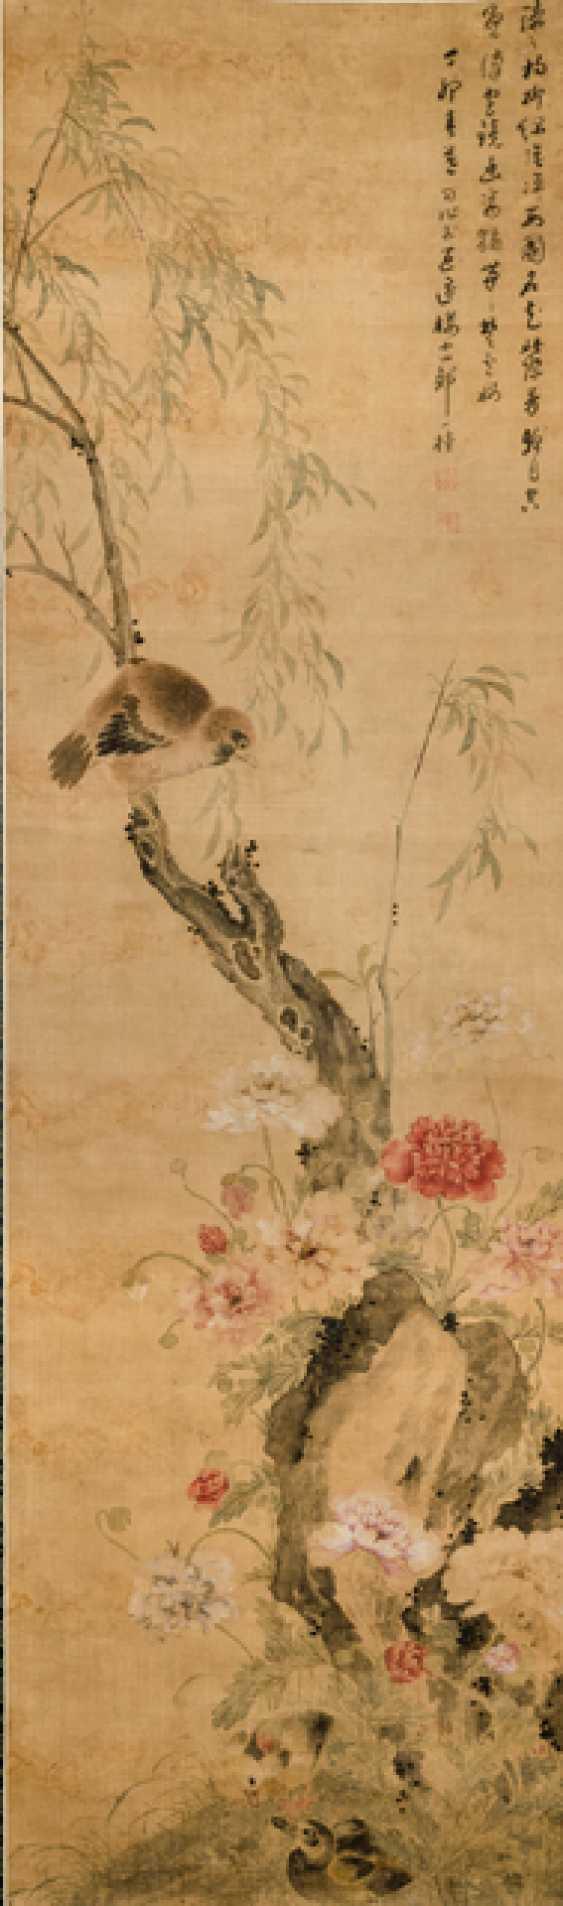 Im Stil von Zou Yigui (1686-1772) - photo 1